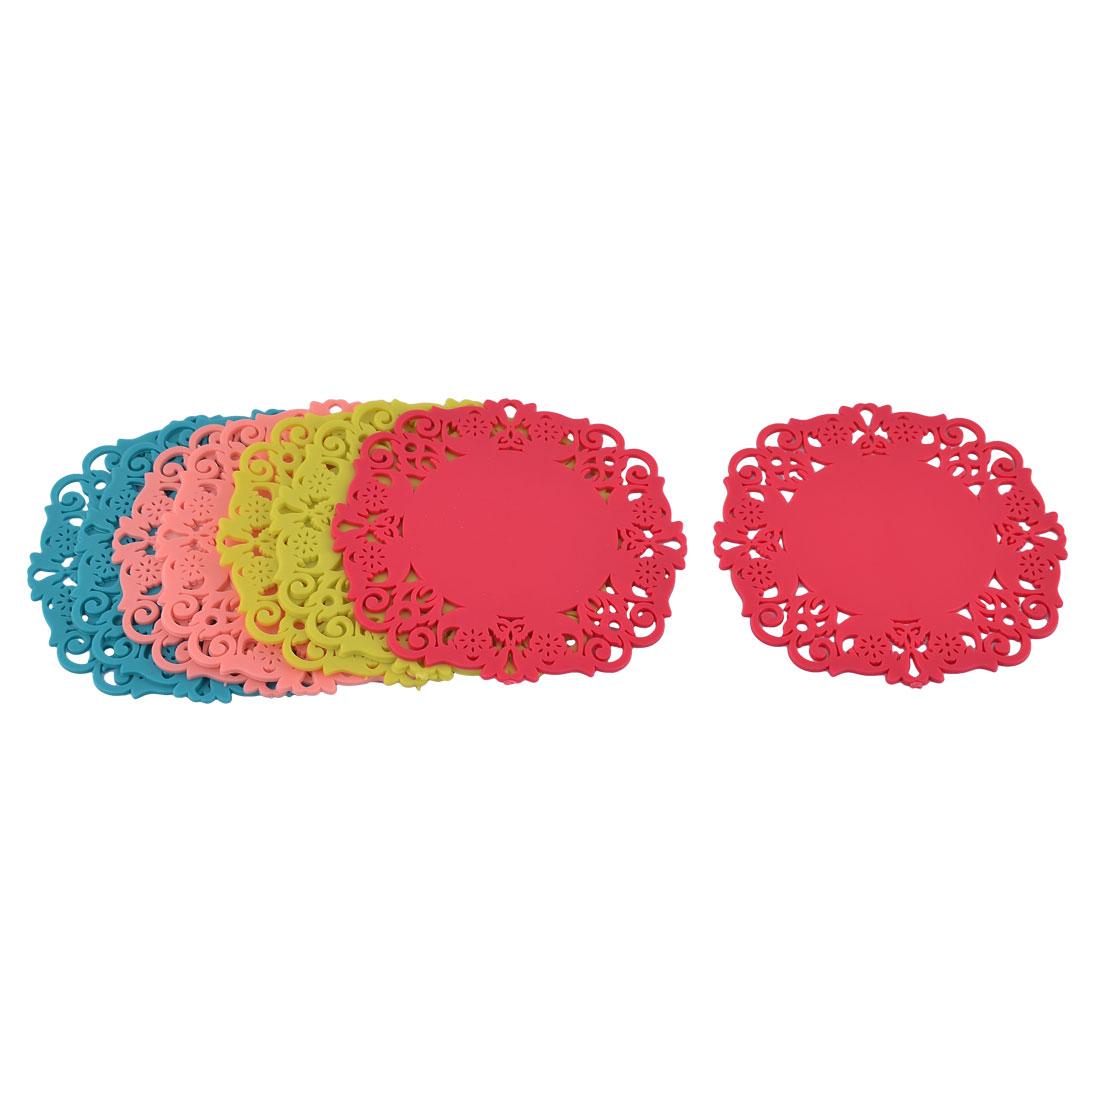 Home Kitchen Rubber Floral Shape Heat Resistant Mat Multicolor 8 Pcs